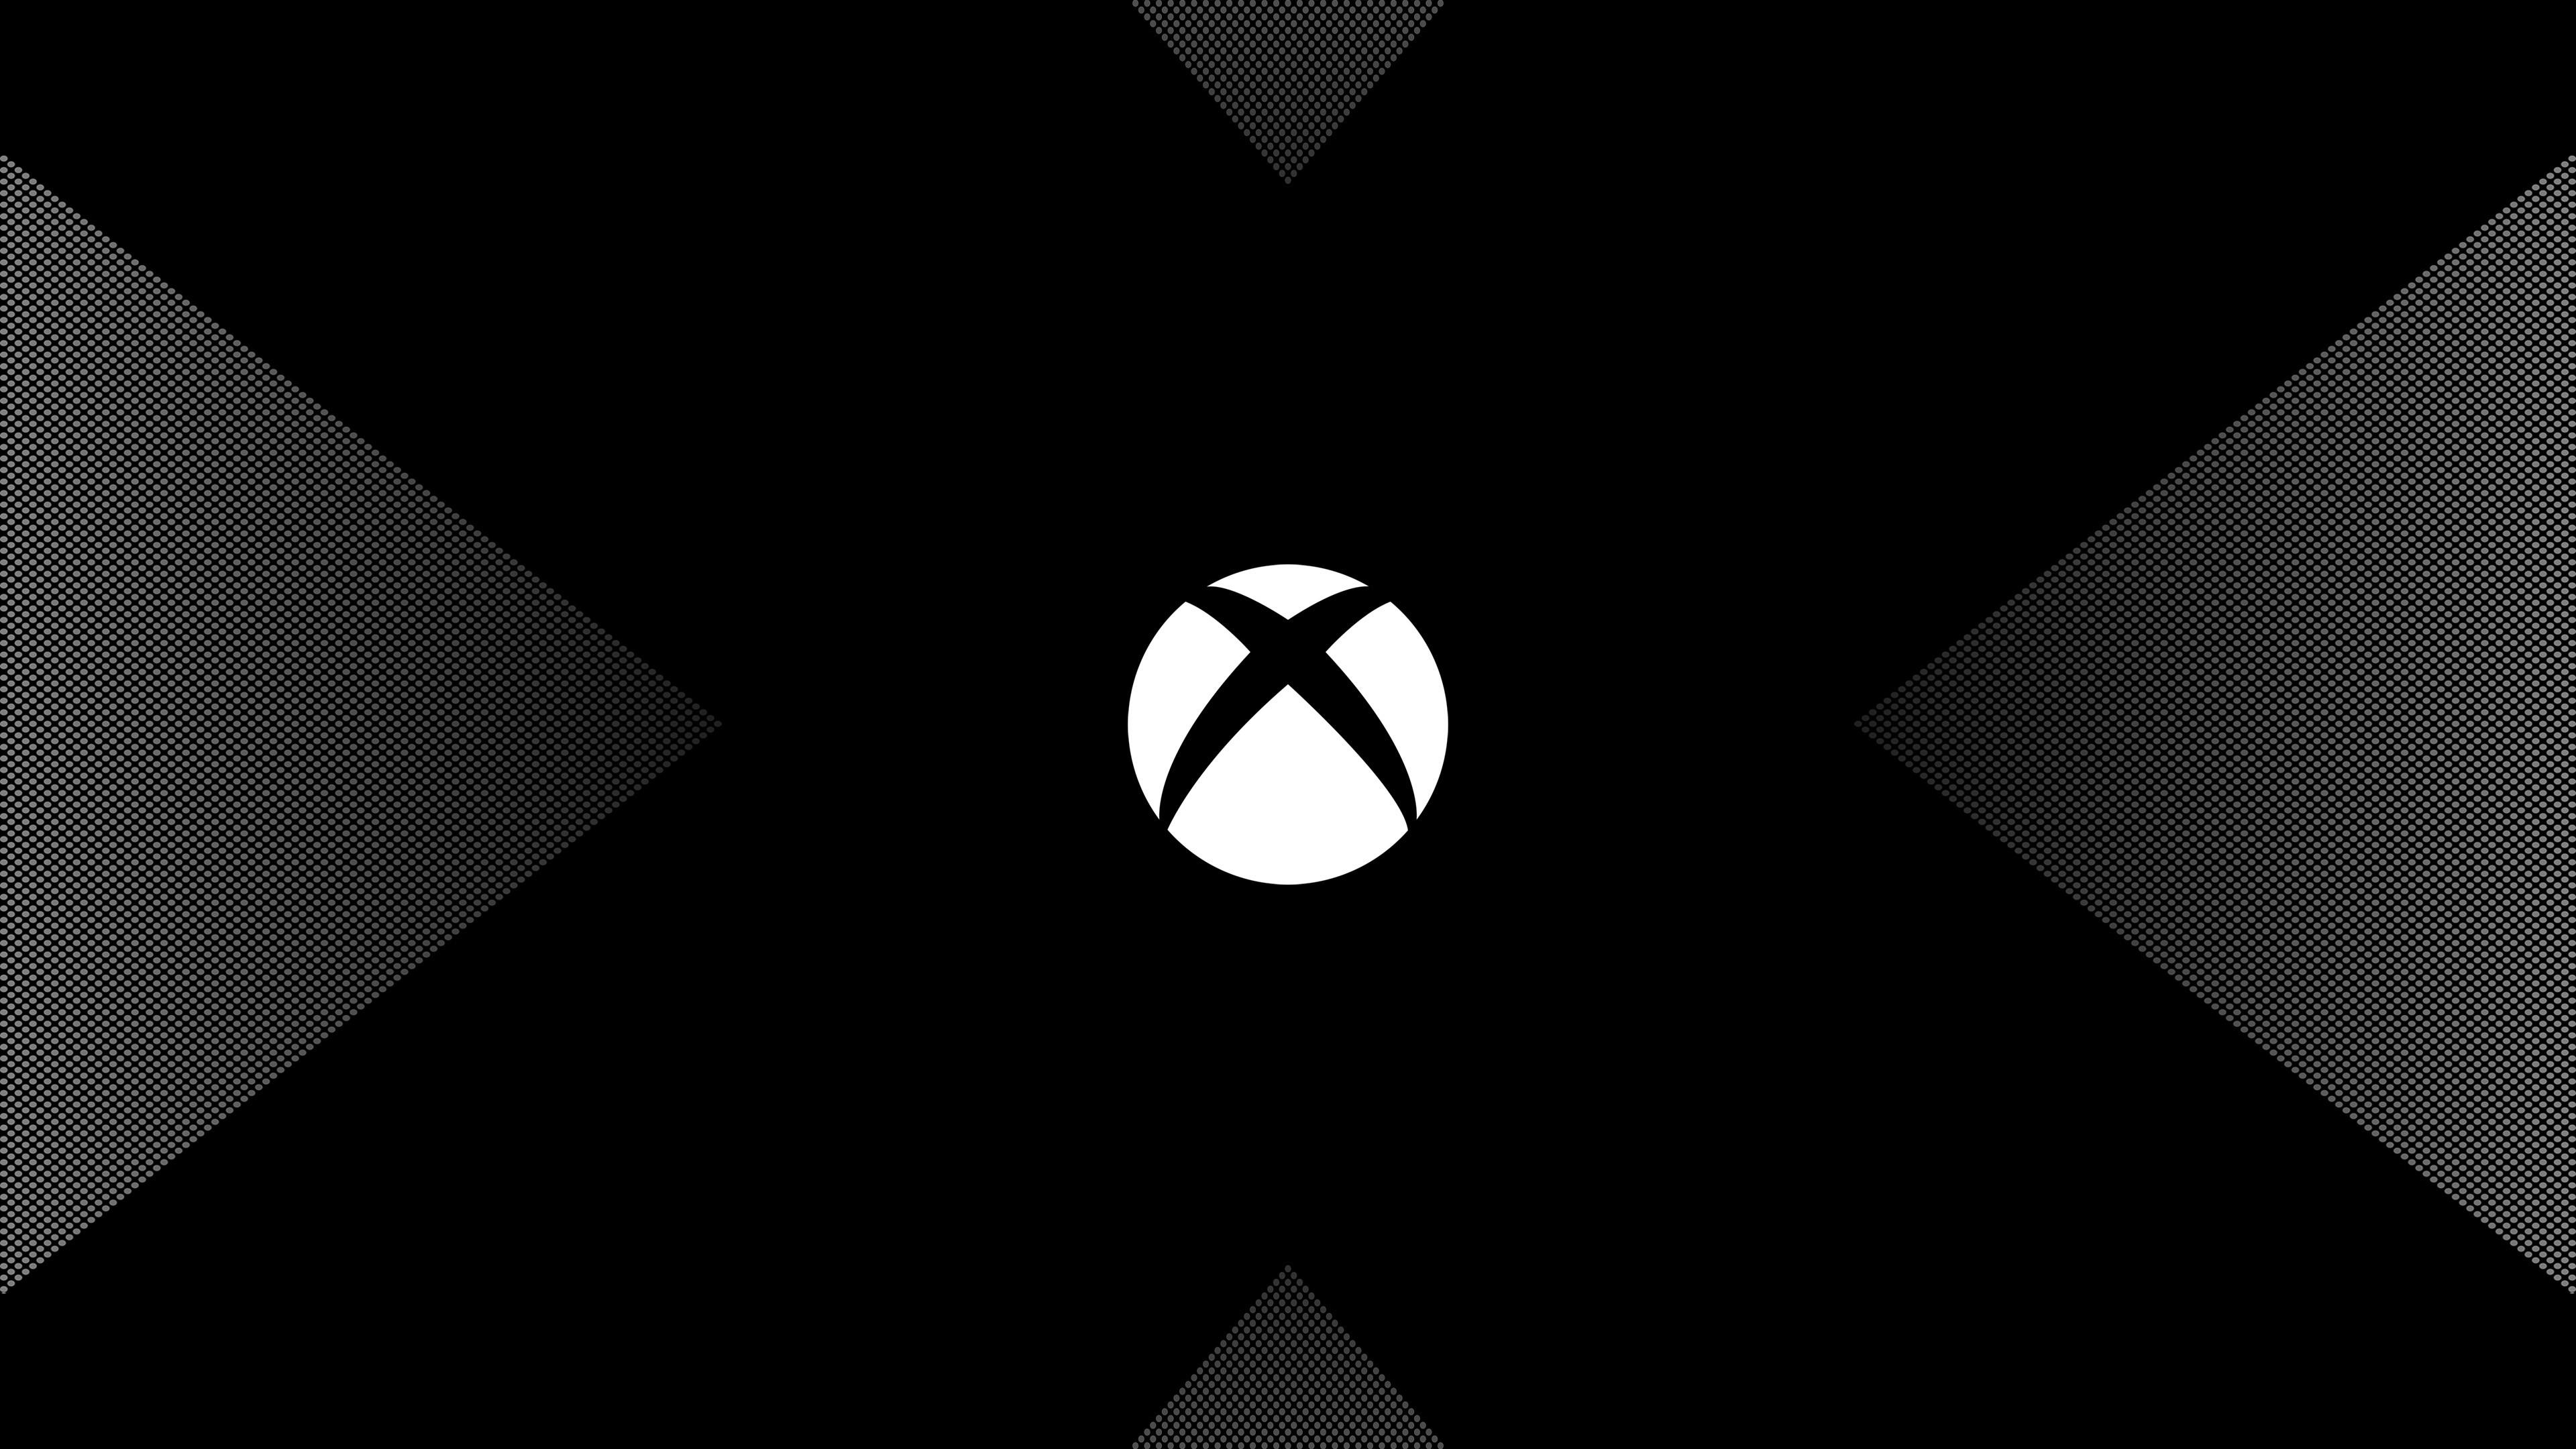 Xbox One X logo 4K